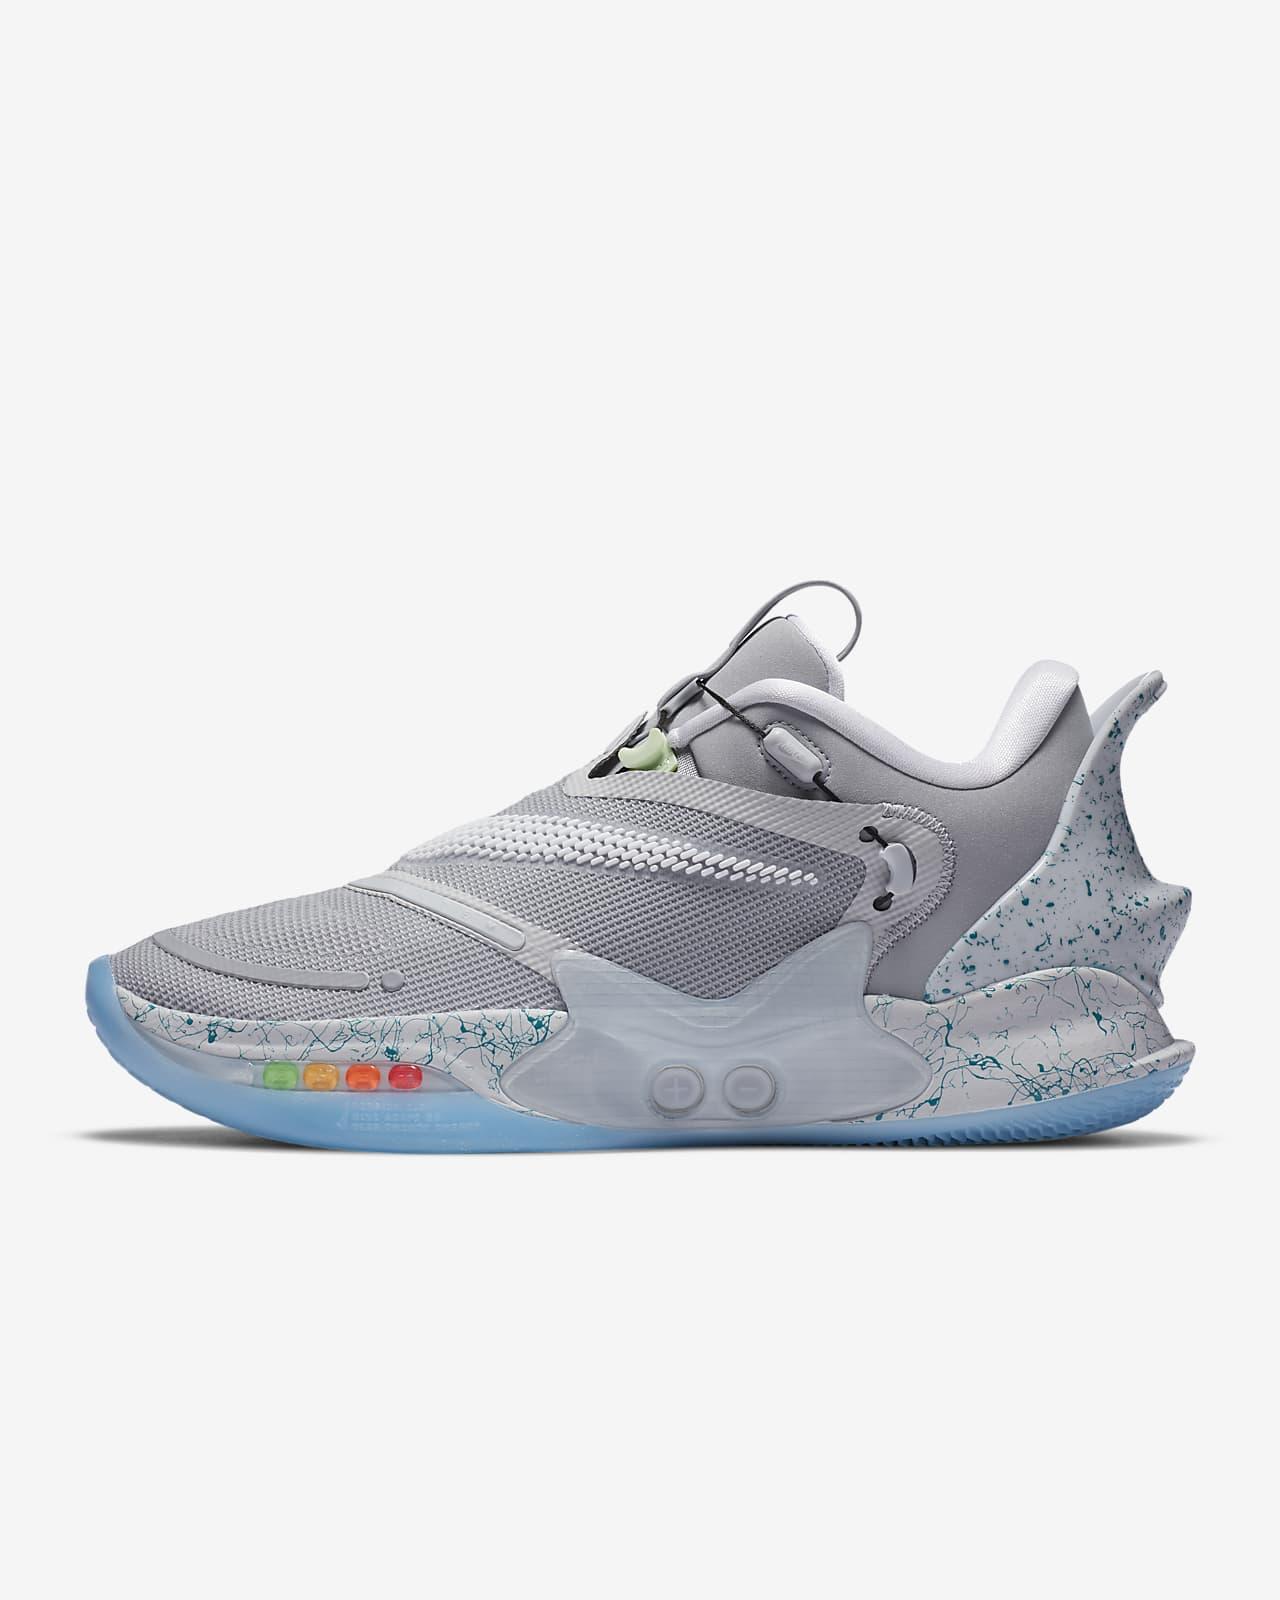 Buty do koszykówki Nike Adapt BB 2.0